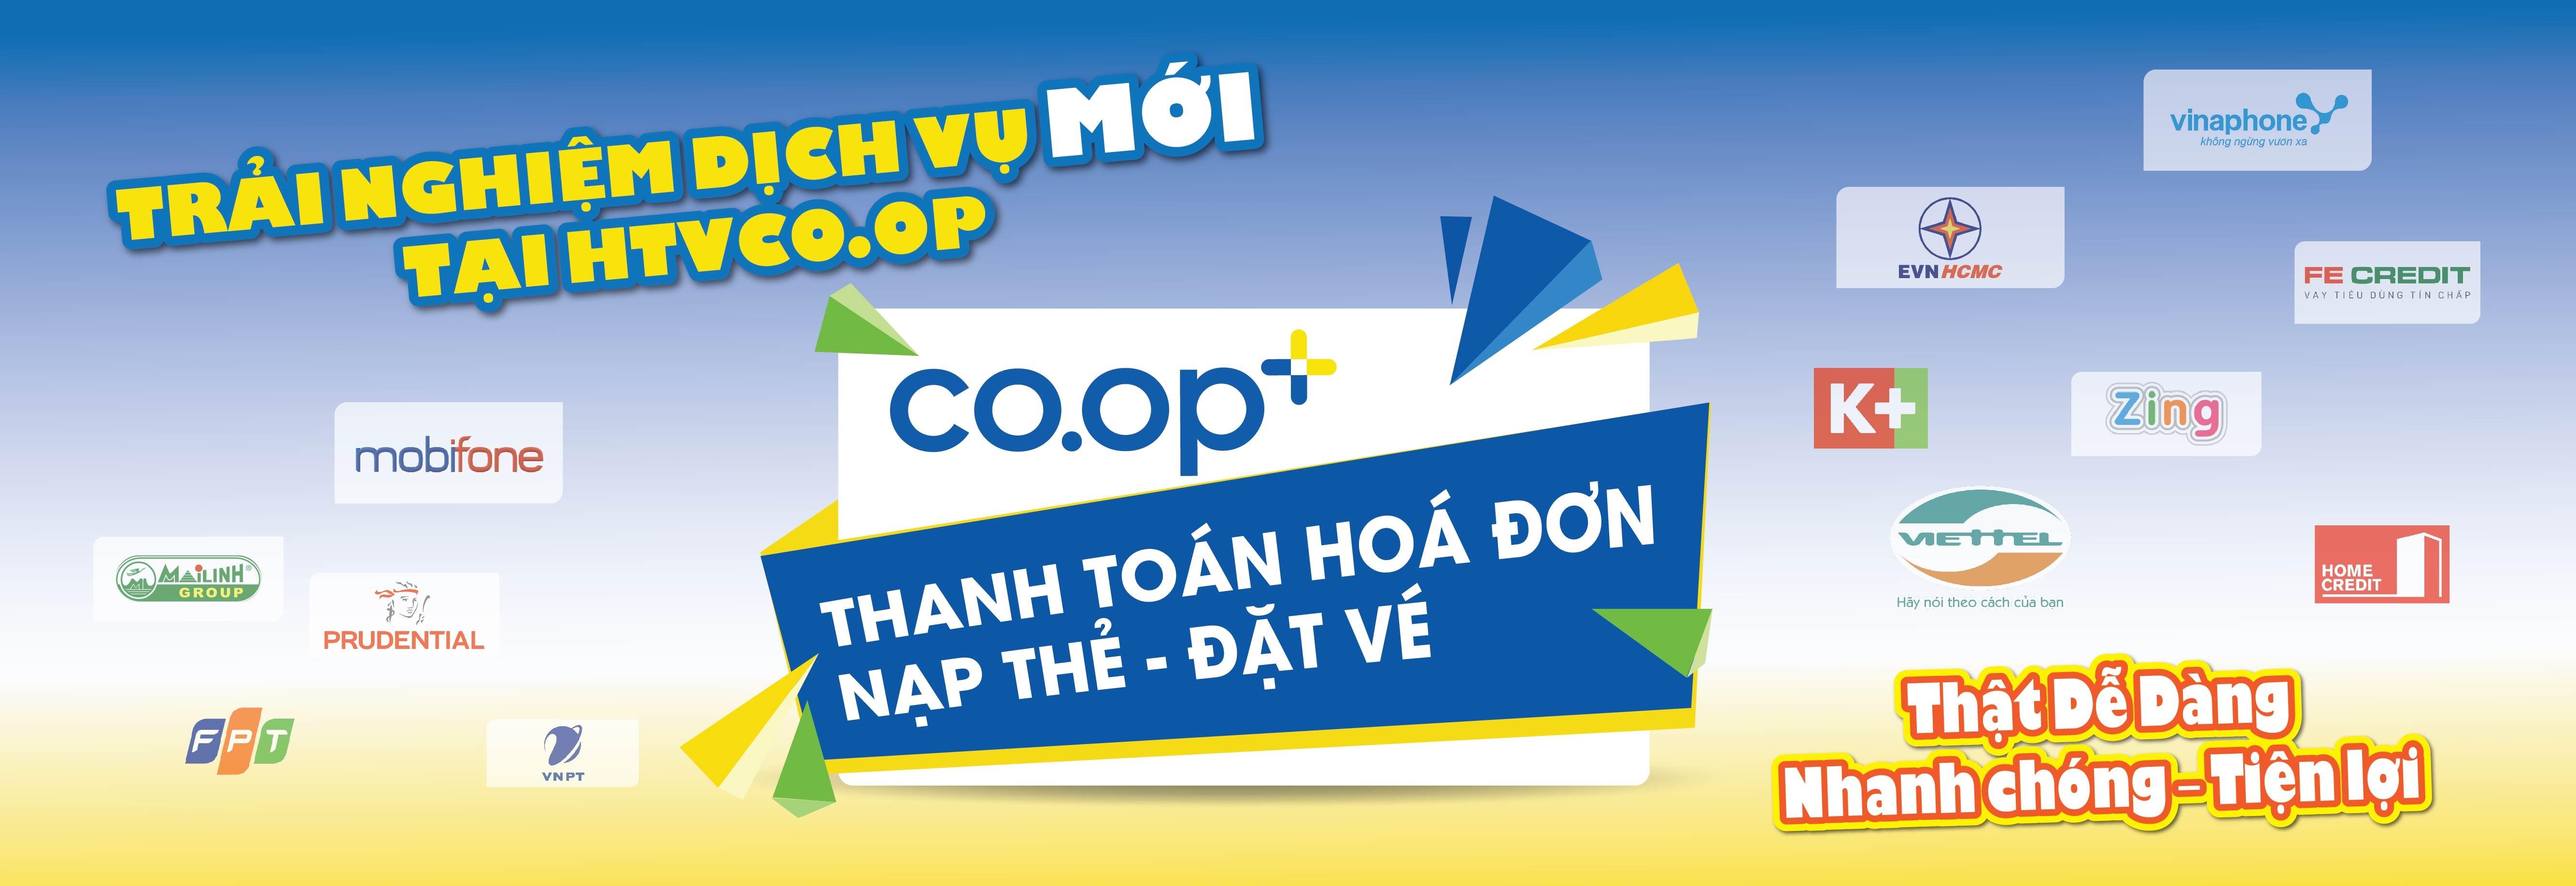 Trải nghiệm Thanh Toán Tiện Ích Trên Coop+ Tại HTV Coop